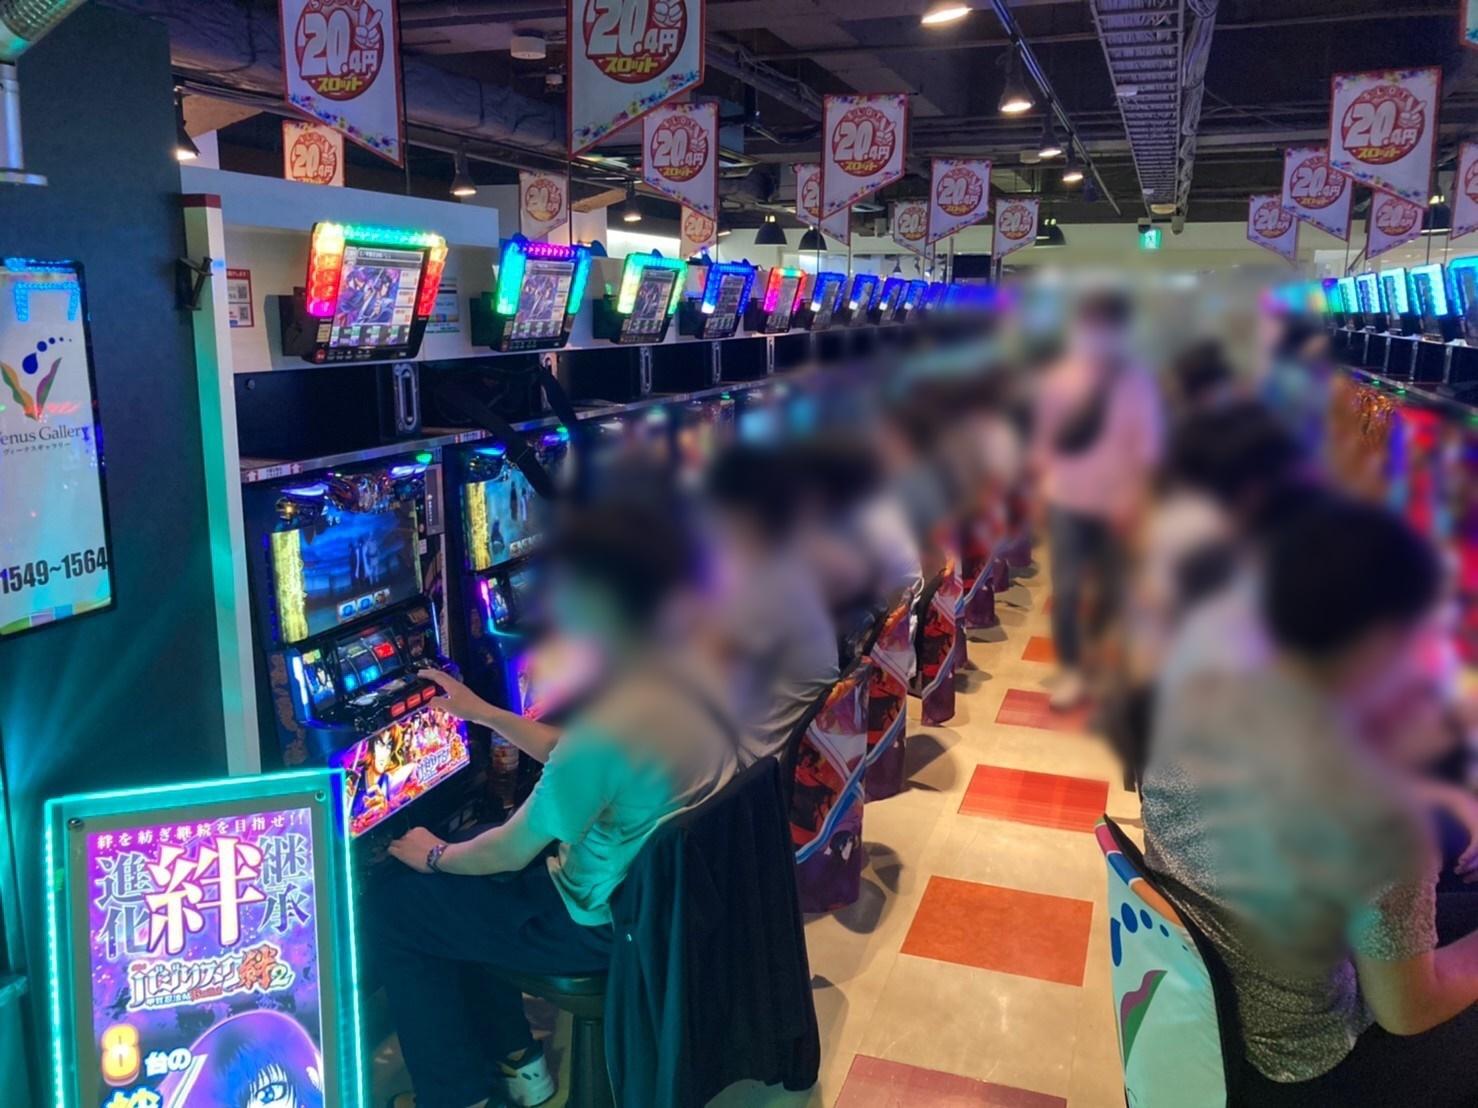 6/13 ヴィーナスギャラリー神戸店 結果報告!